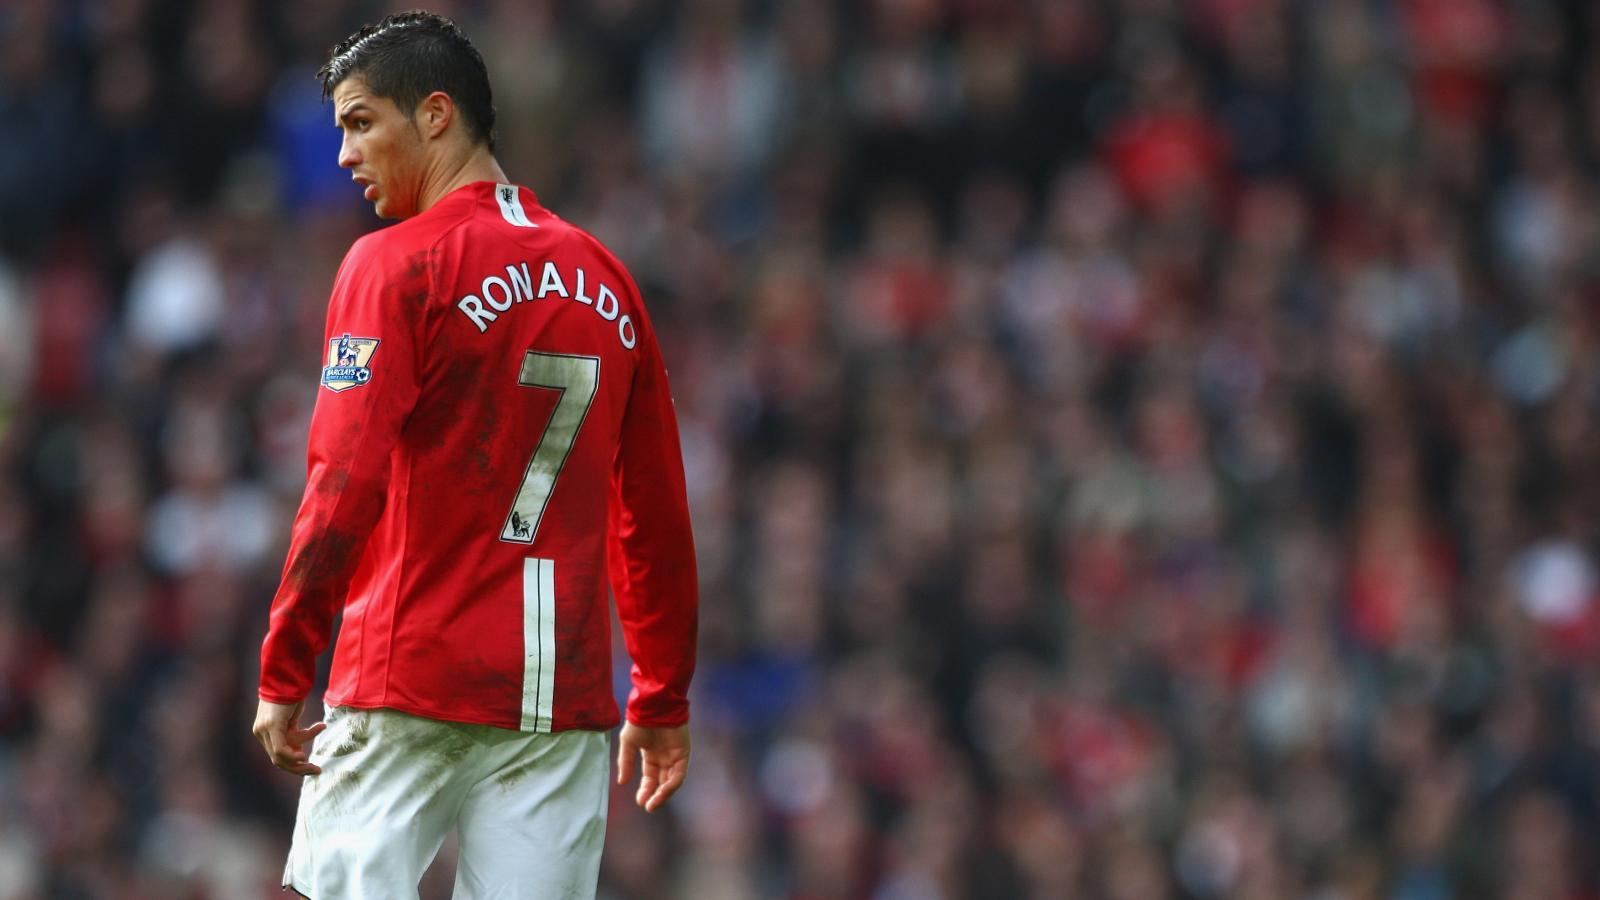 4 Calon Pewaris Nomor 7 Di Manchester United INDOSPORT